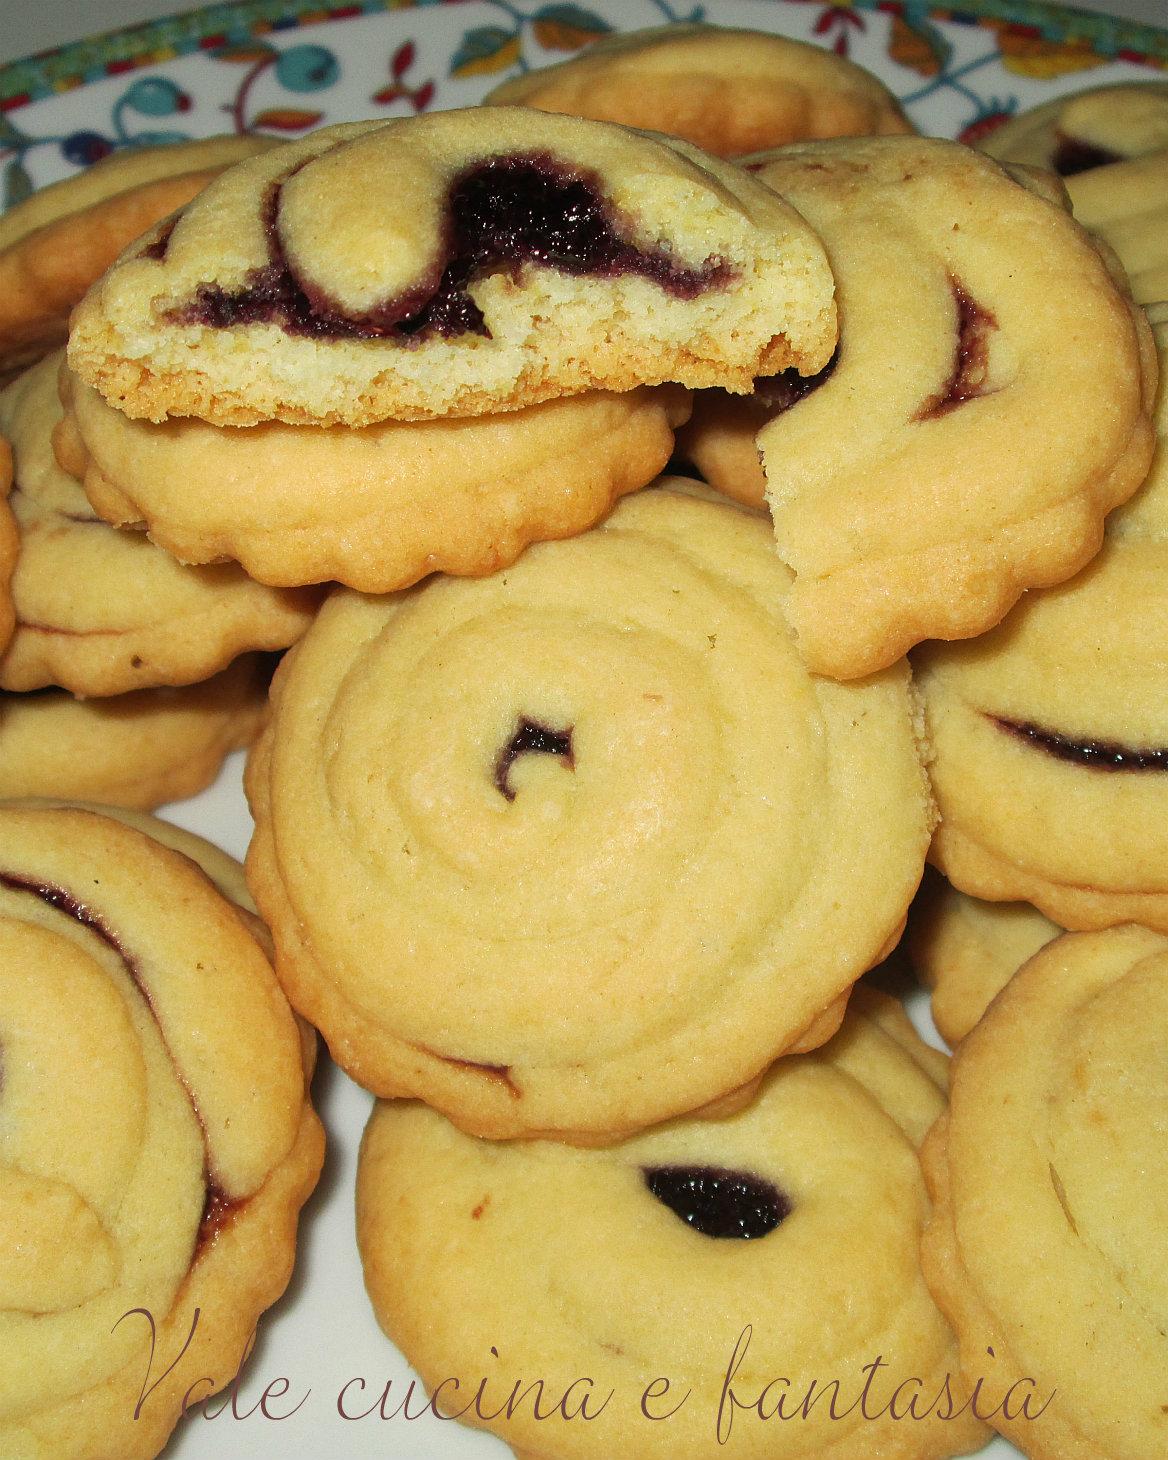 Biscottini  morbidi alle more Vale cucina e fantasia